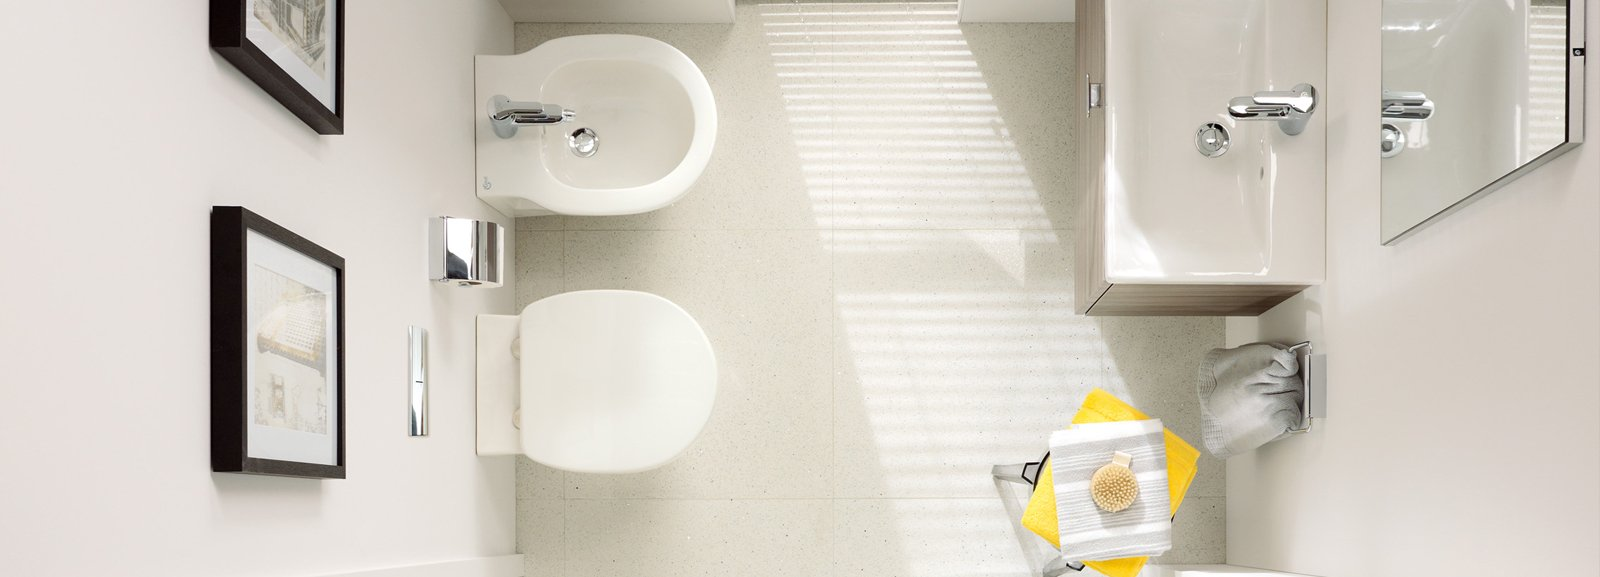 Bagno piccolo soluzioni piccole cose di casa - Dimensioni sanitari bagno piccoli ...